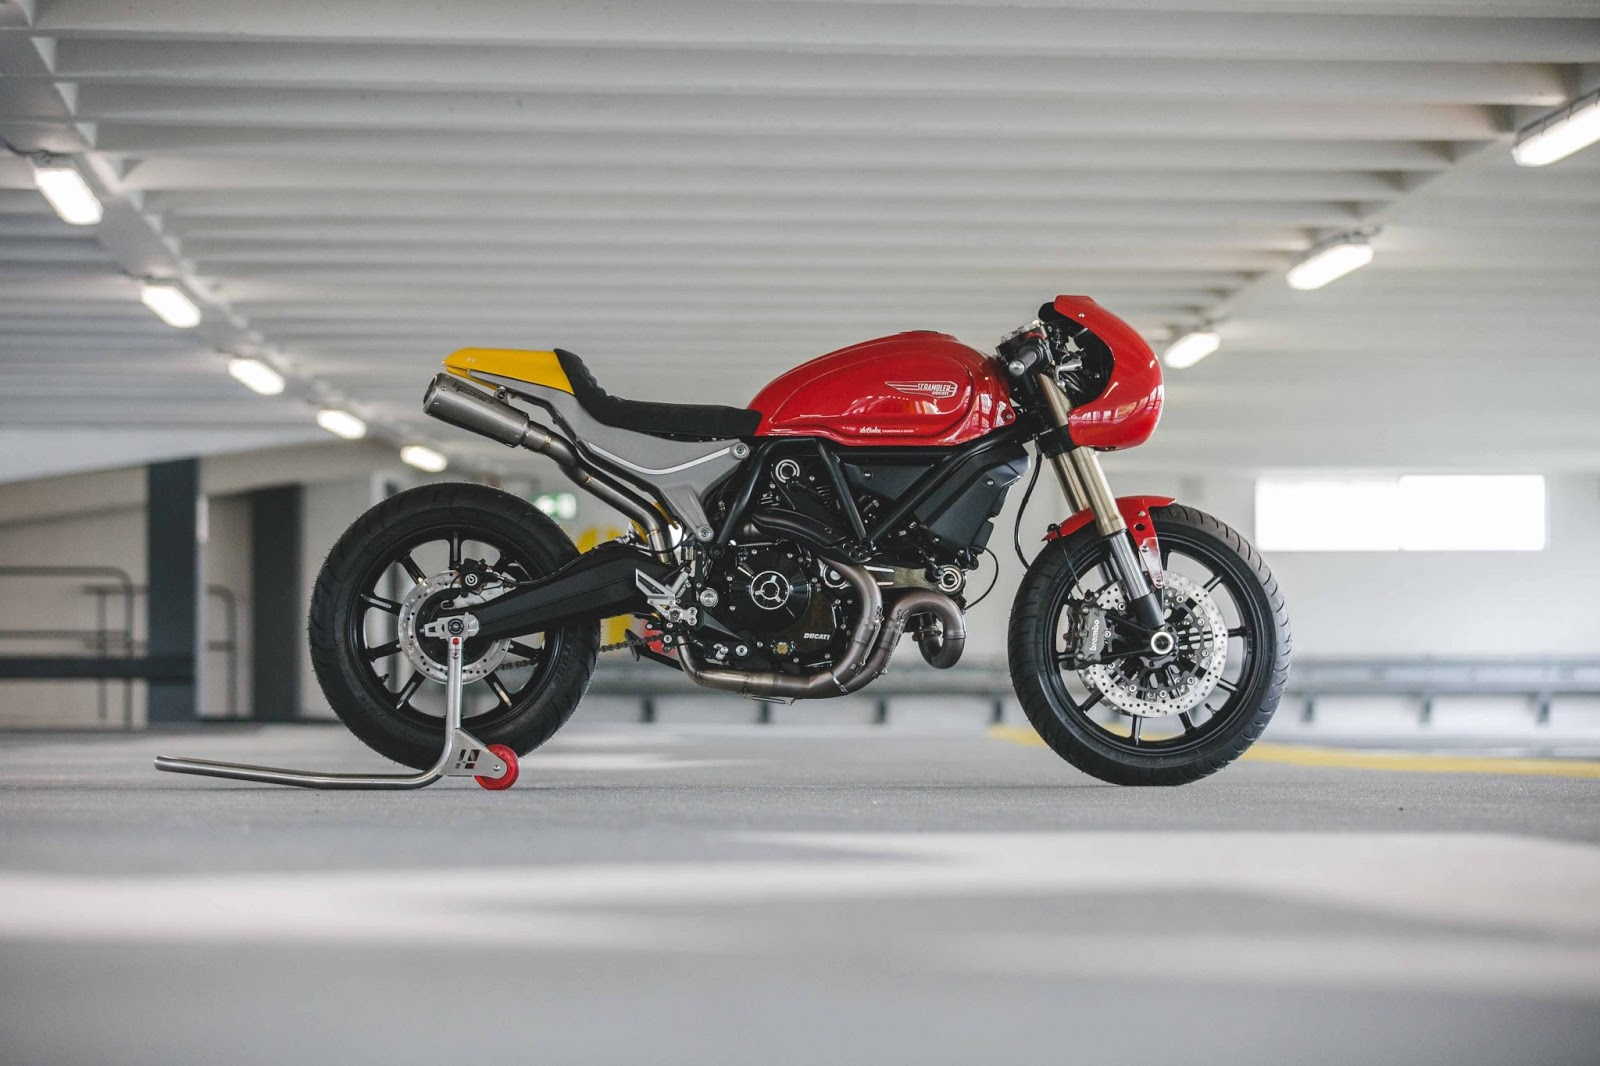 Scrambler Ducati 1100 Debolex Engineering Rocketgarage Cafe